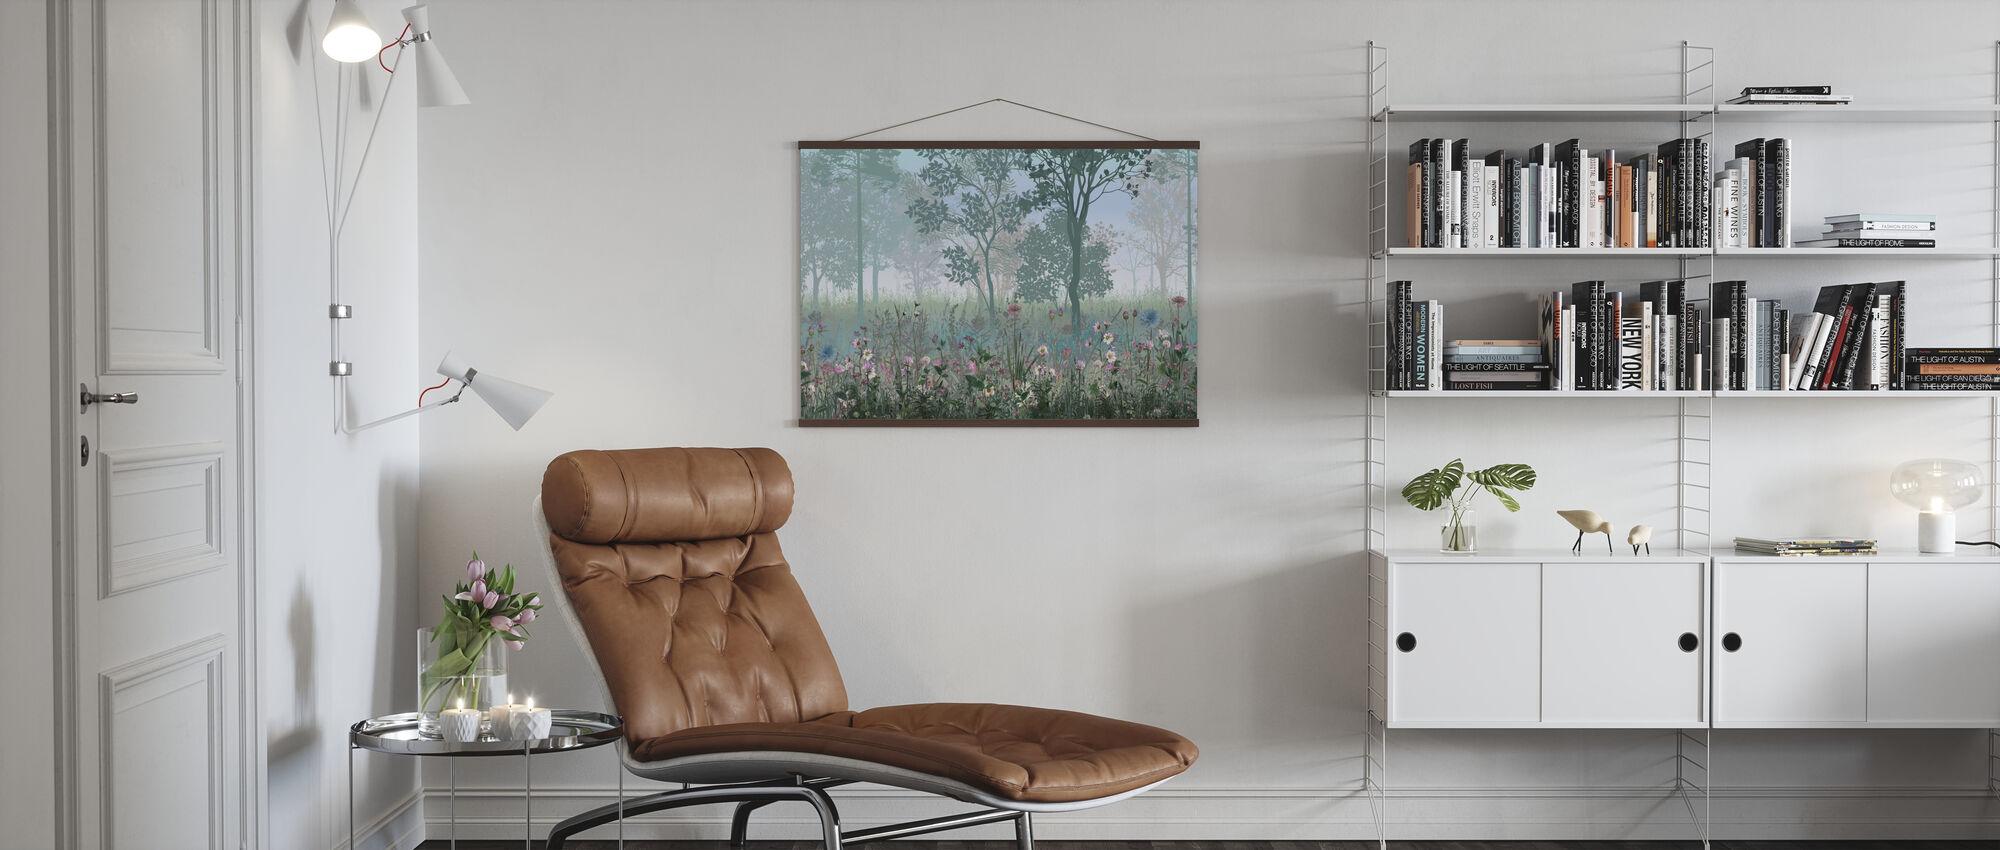 disig skog - Plakat - Stue